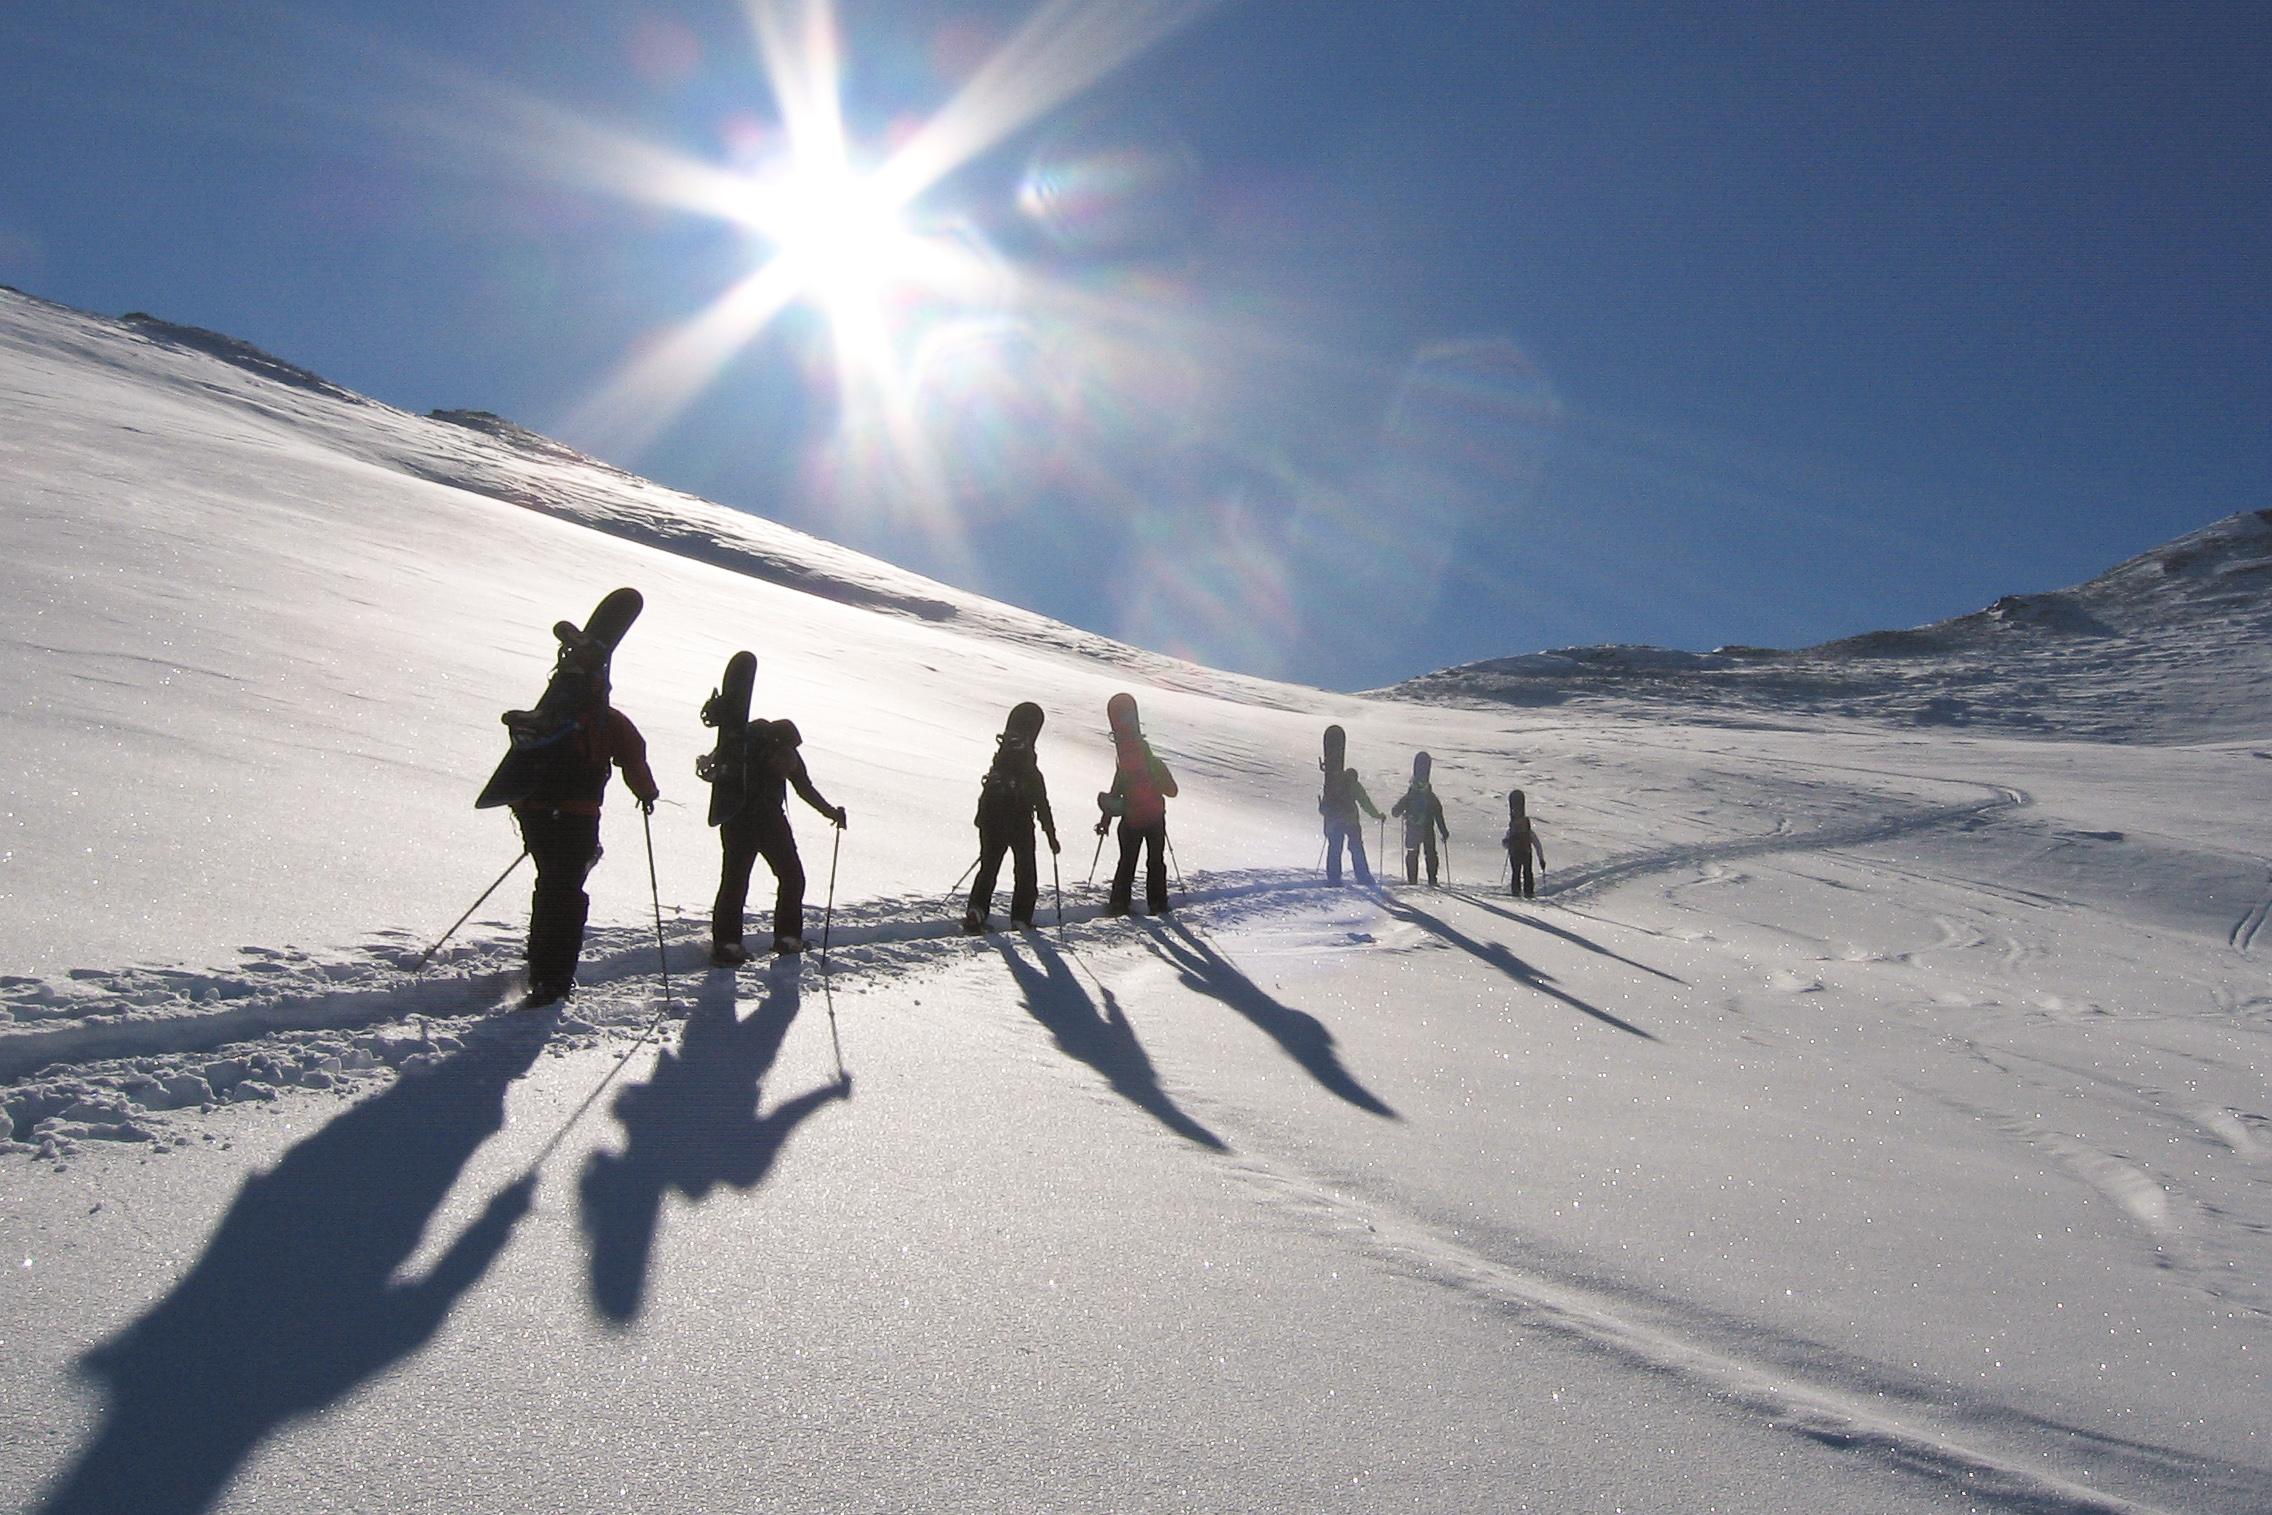 flowfactor - Snowboardbergsteigen - outdoor